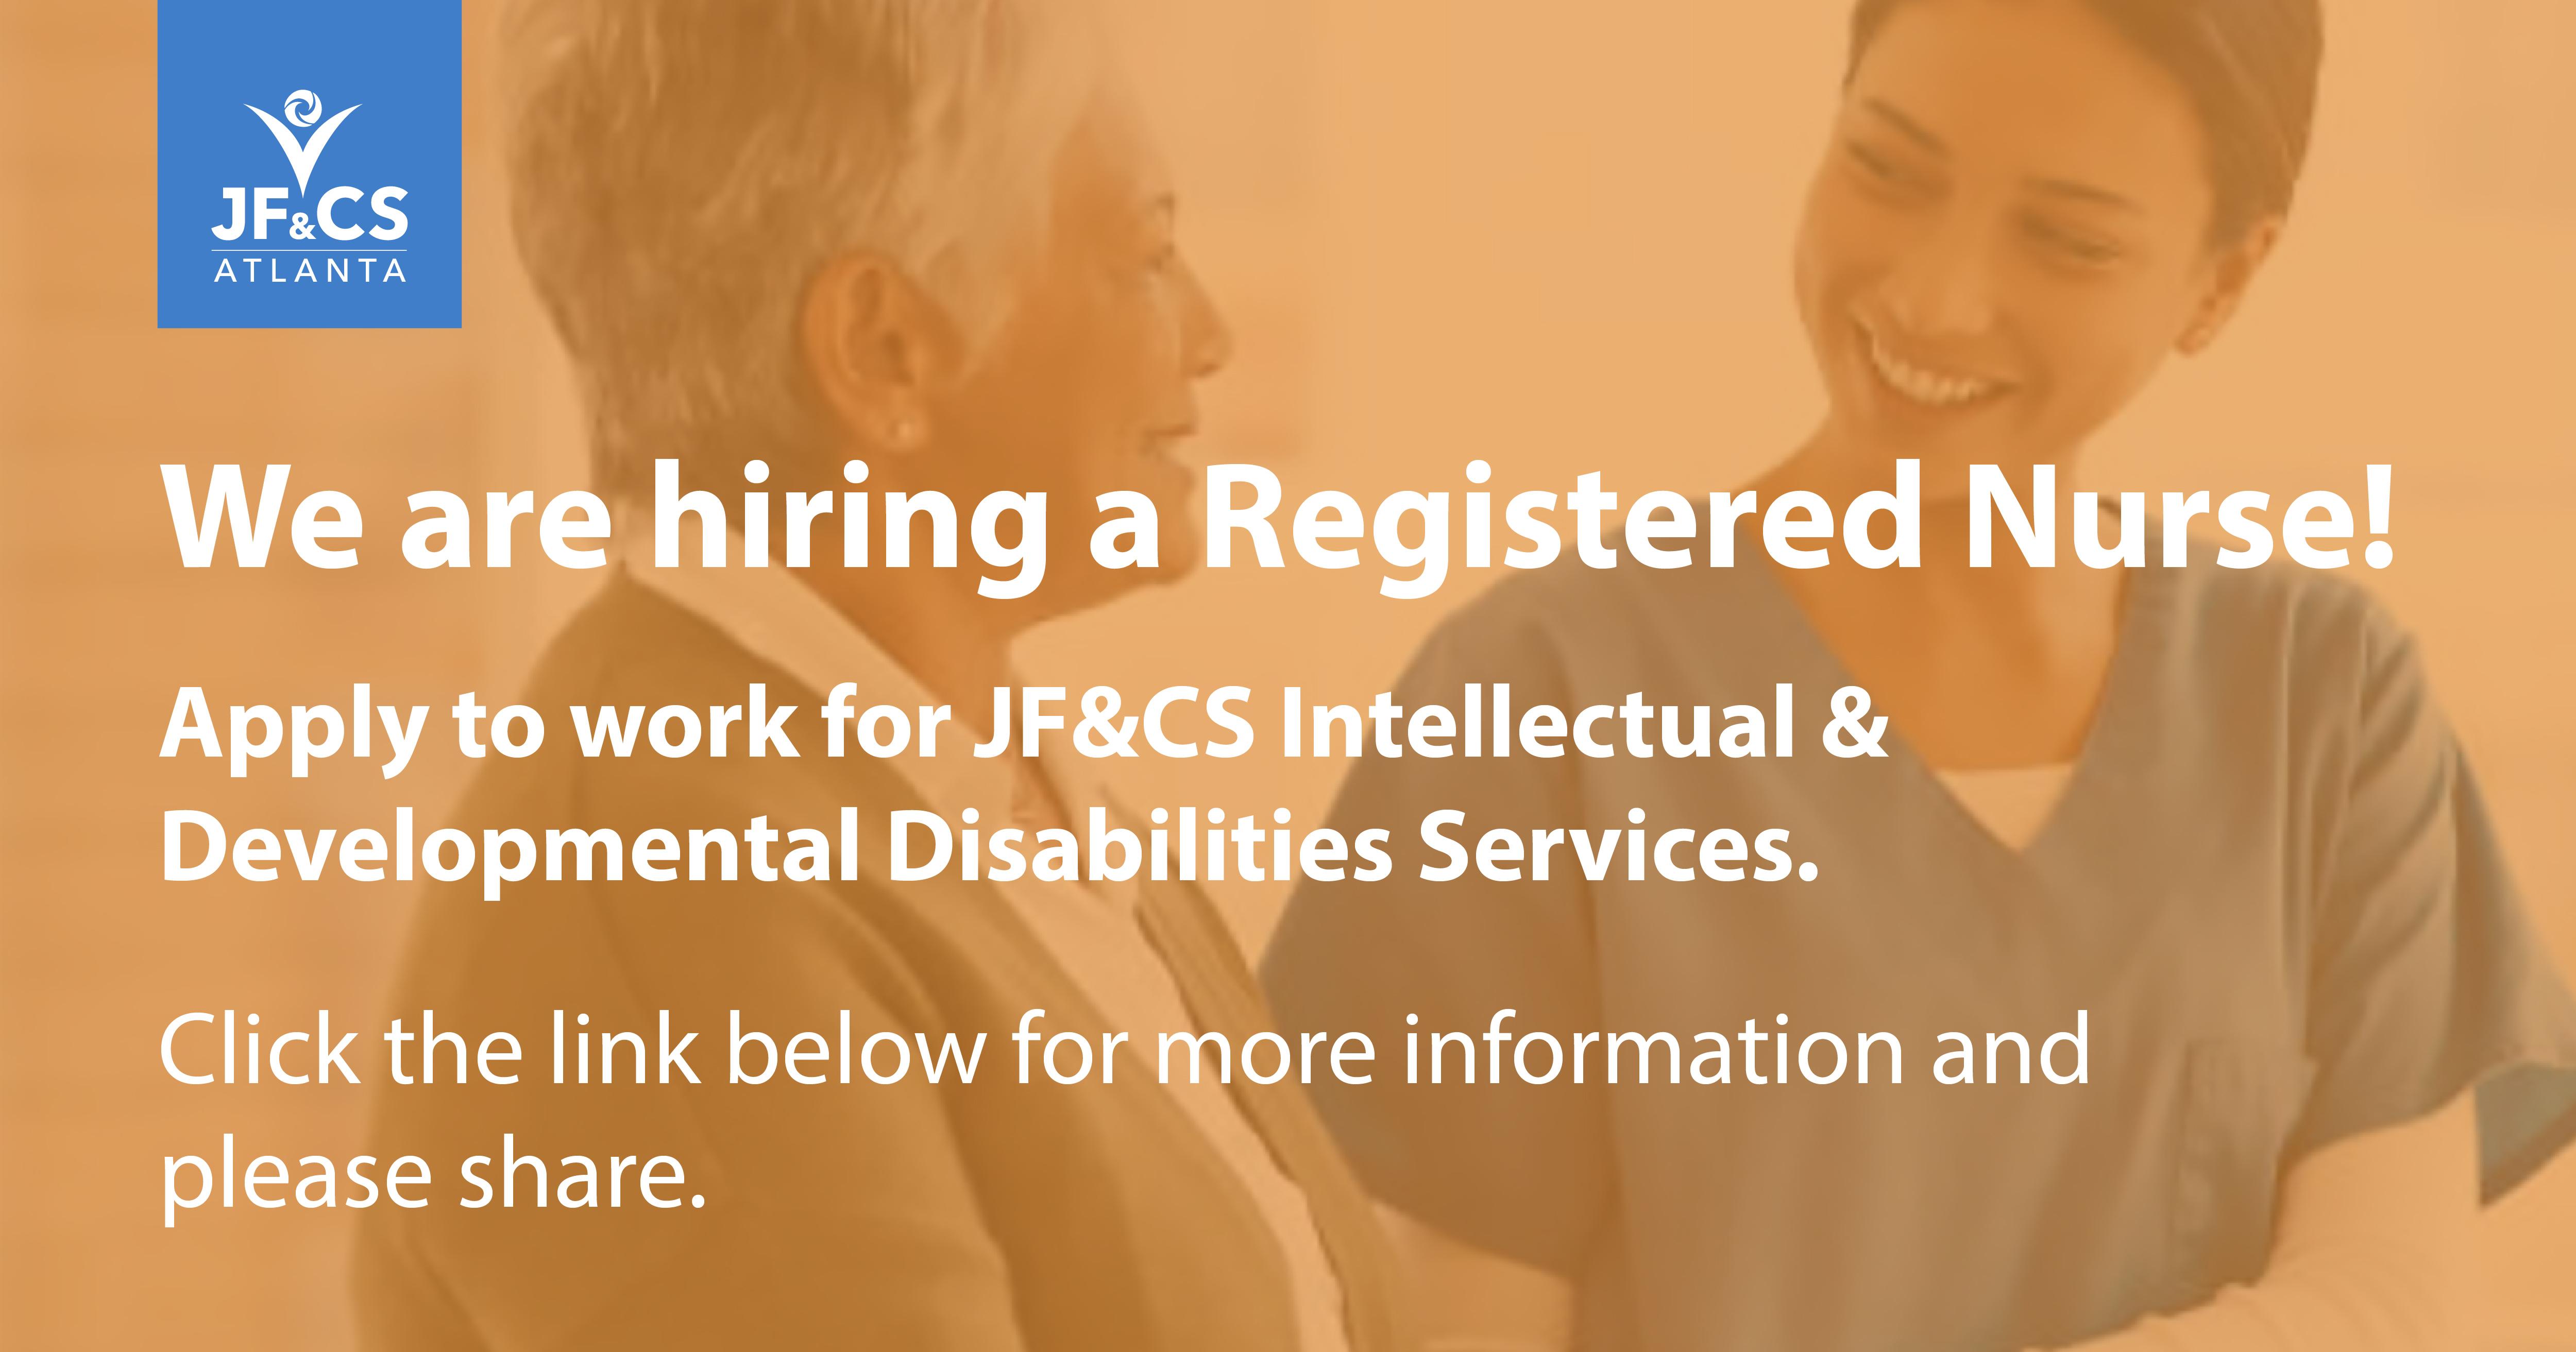 Jobs at JF&CS